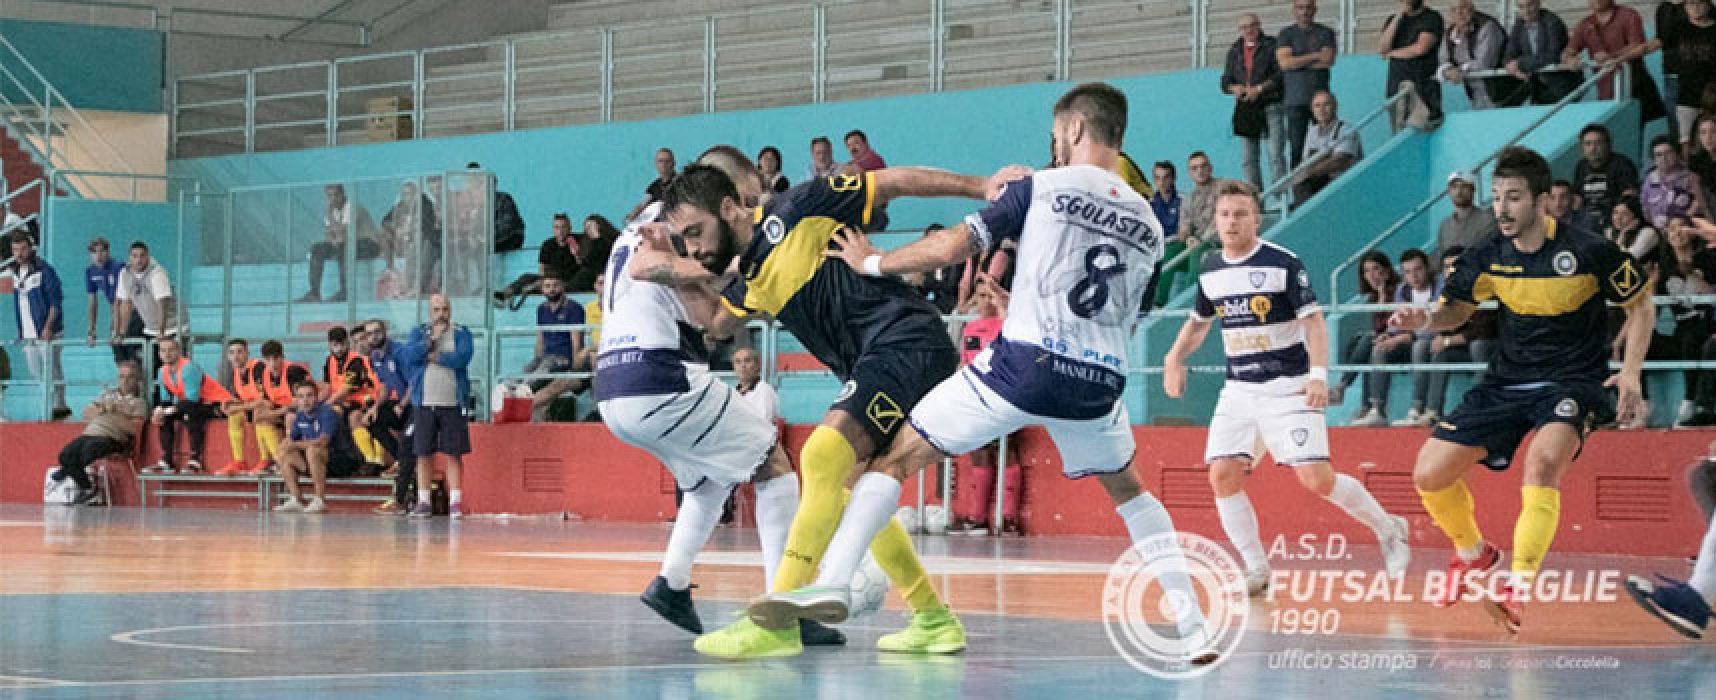 Il Futsal Bisceglie vuole rialzarsi, al PalaDolmen arriva la Tenax